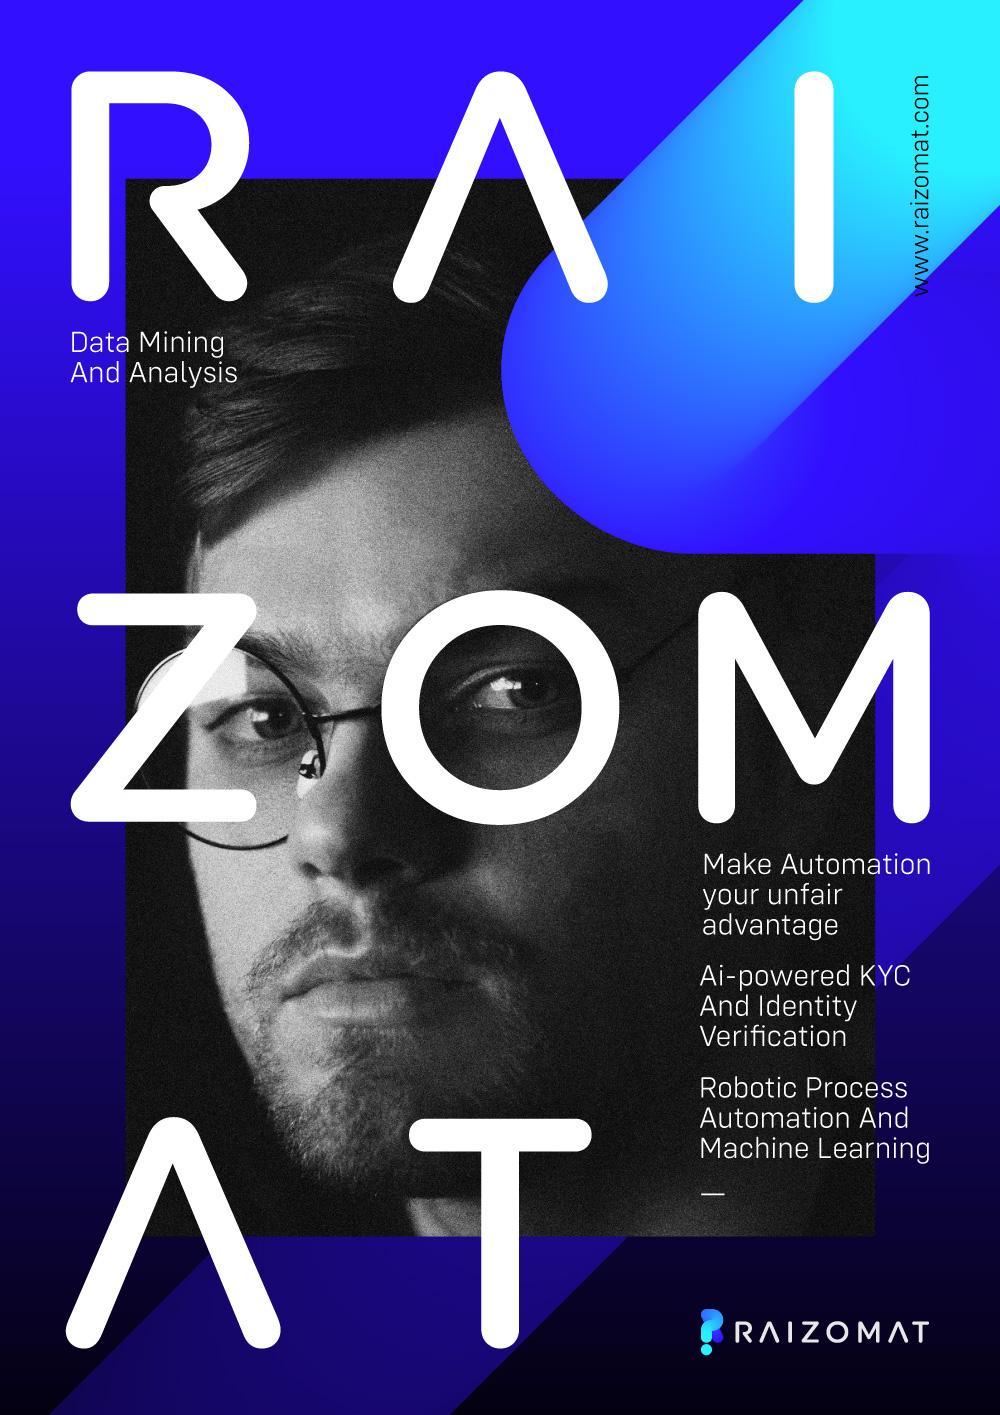 Raizomat_Poster_New_V1_1K_q80_01